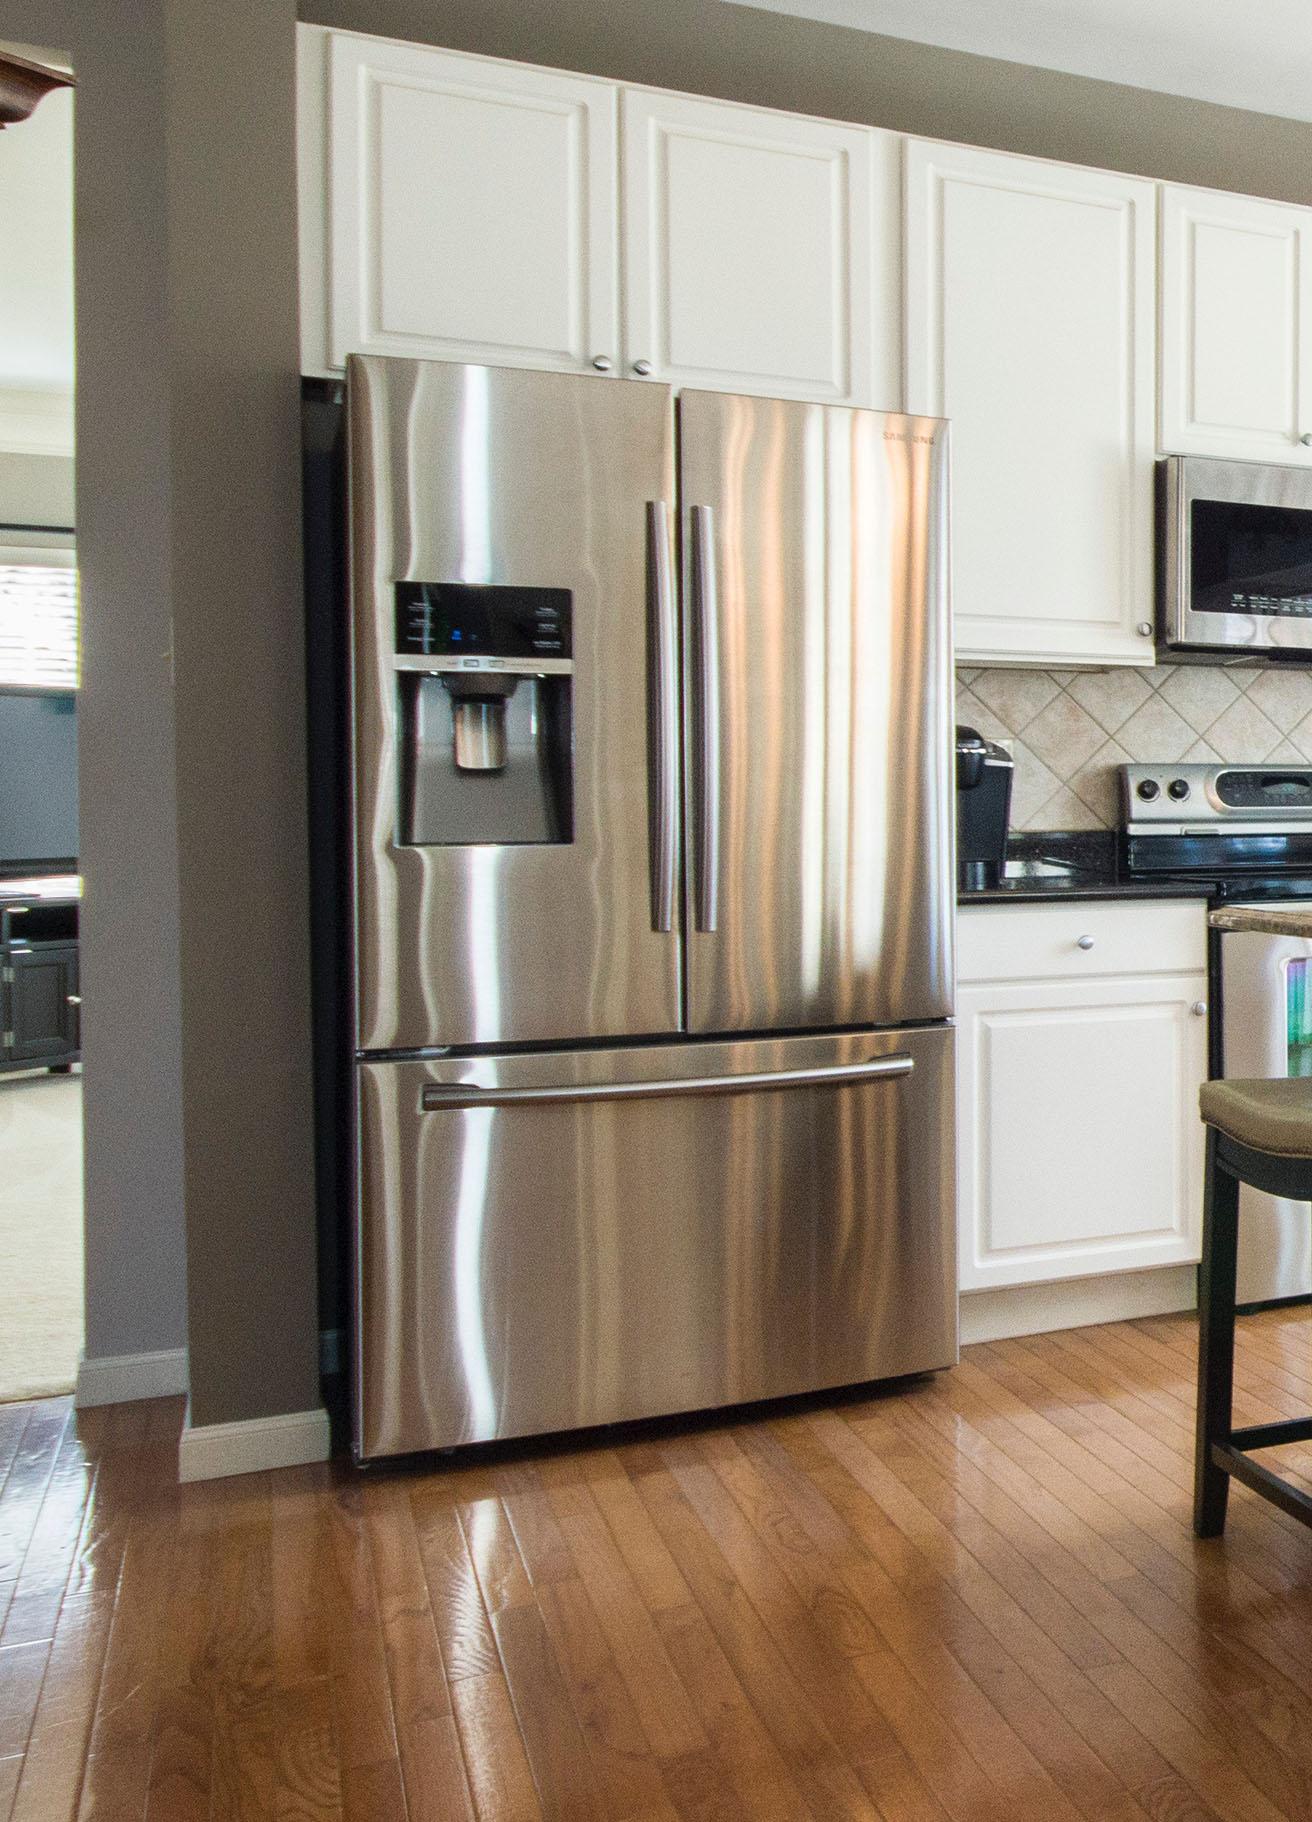 Réparation réfrigérateur Terrebonne